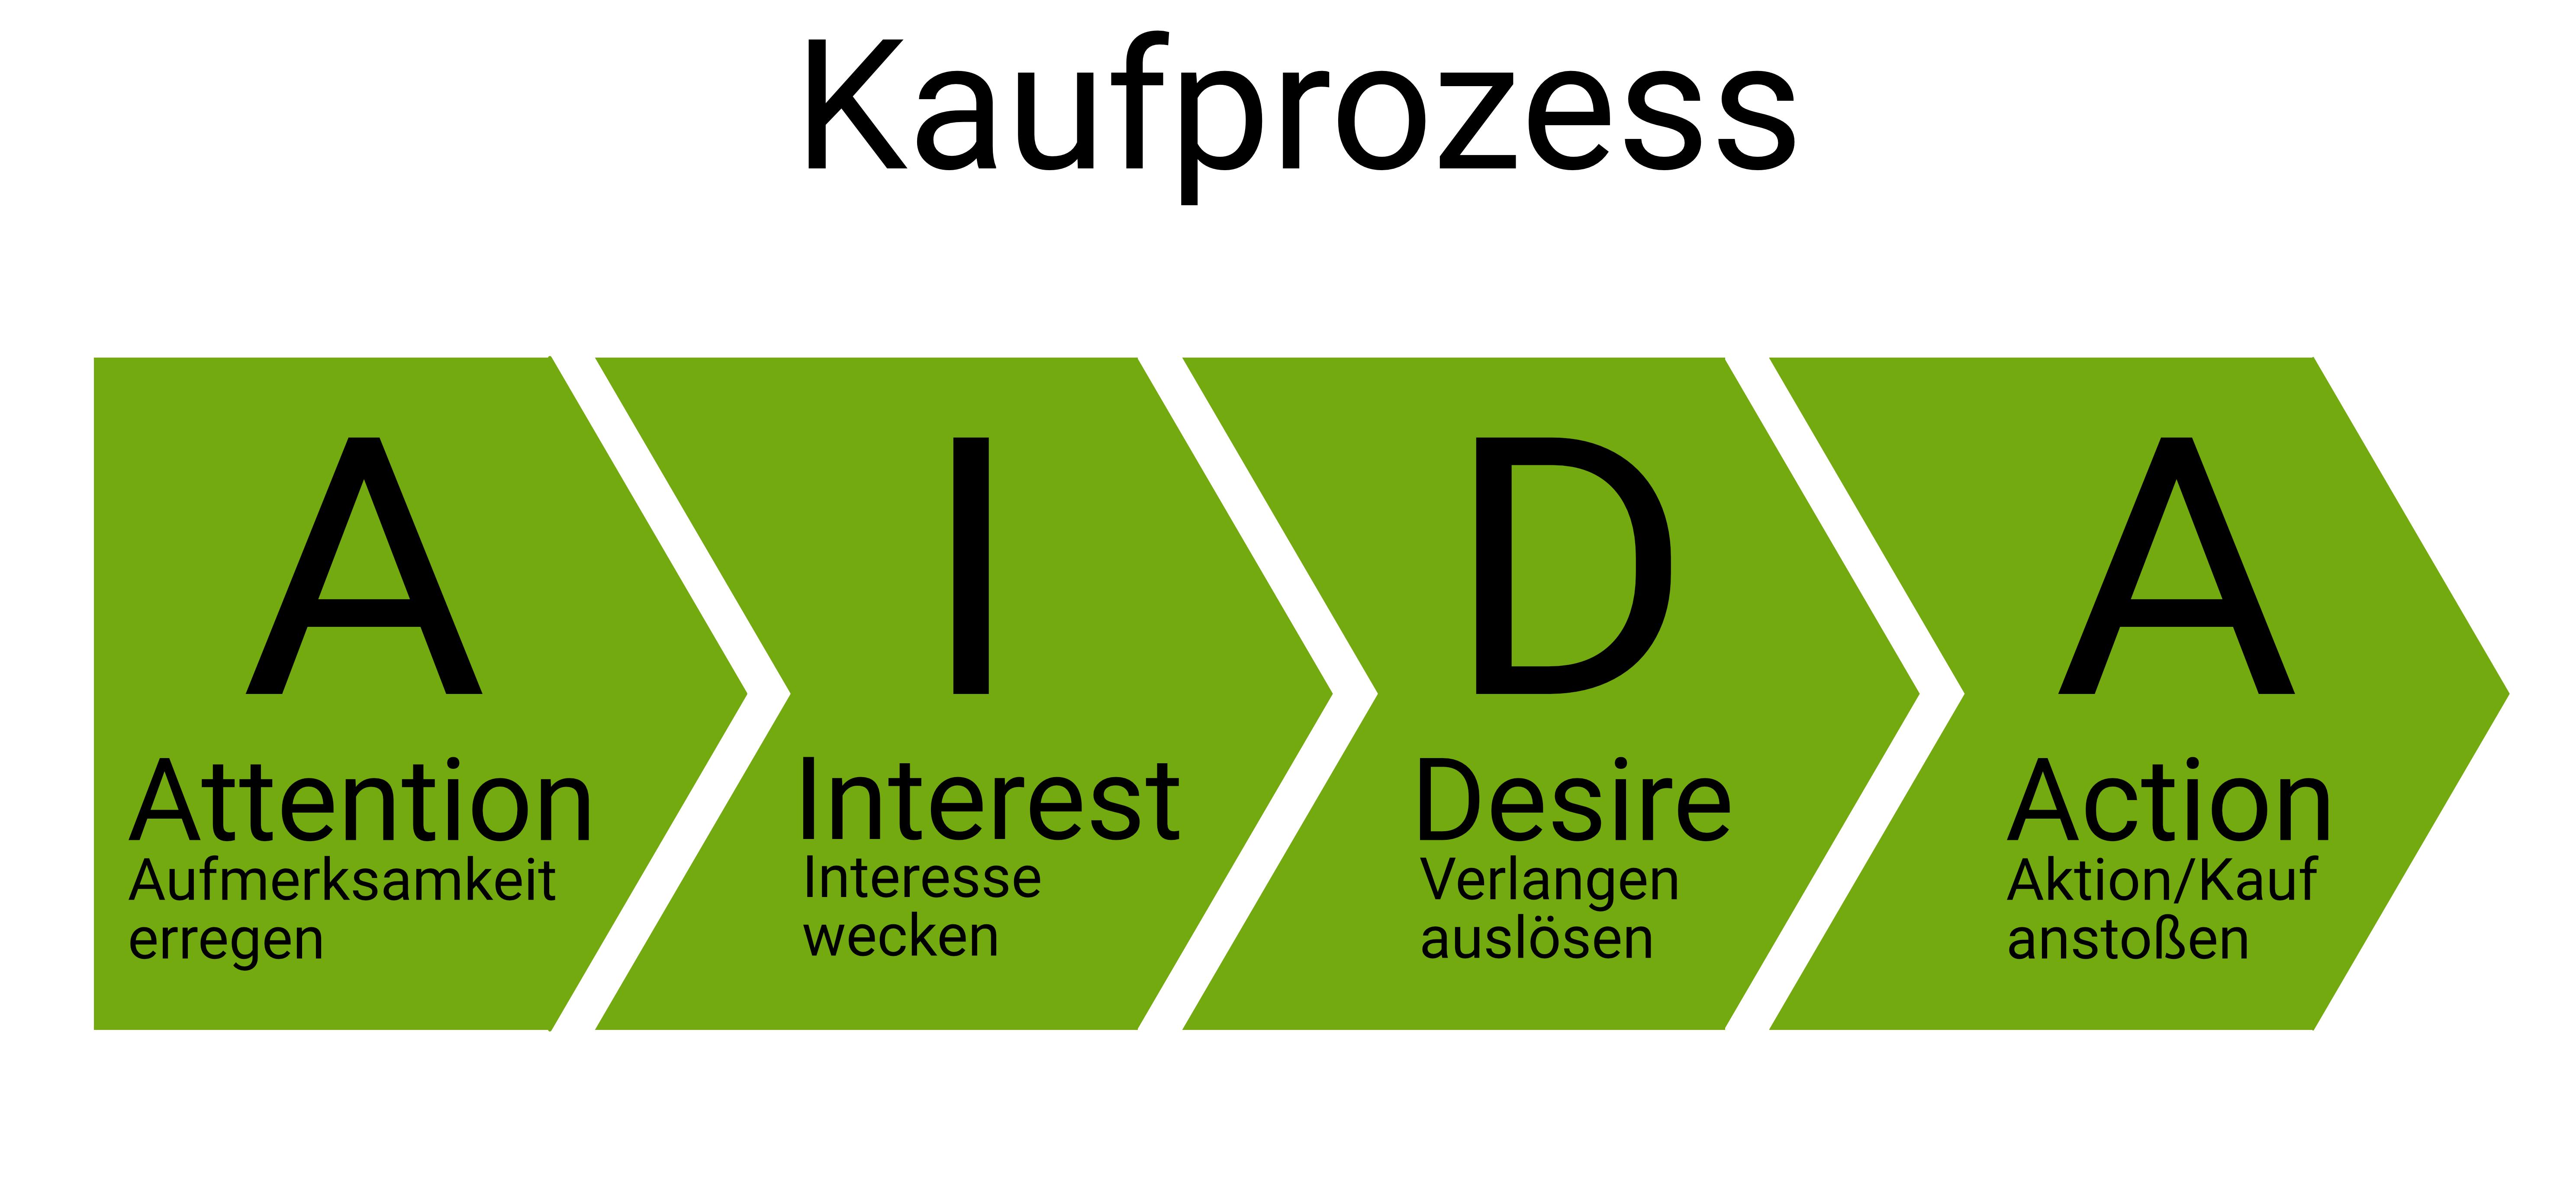 Definition Aida Formel Onpulson Wirtschaftslexikon